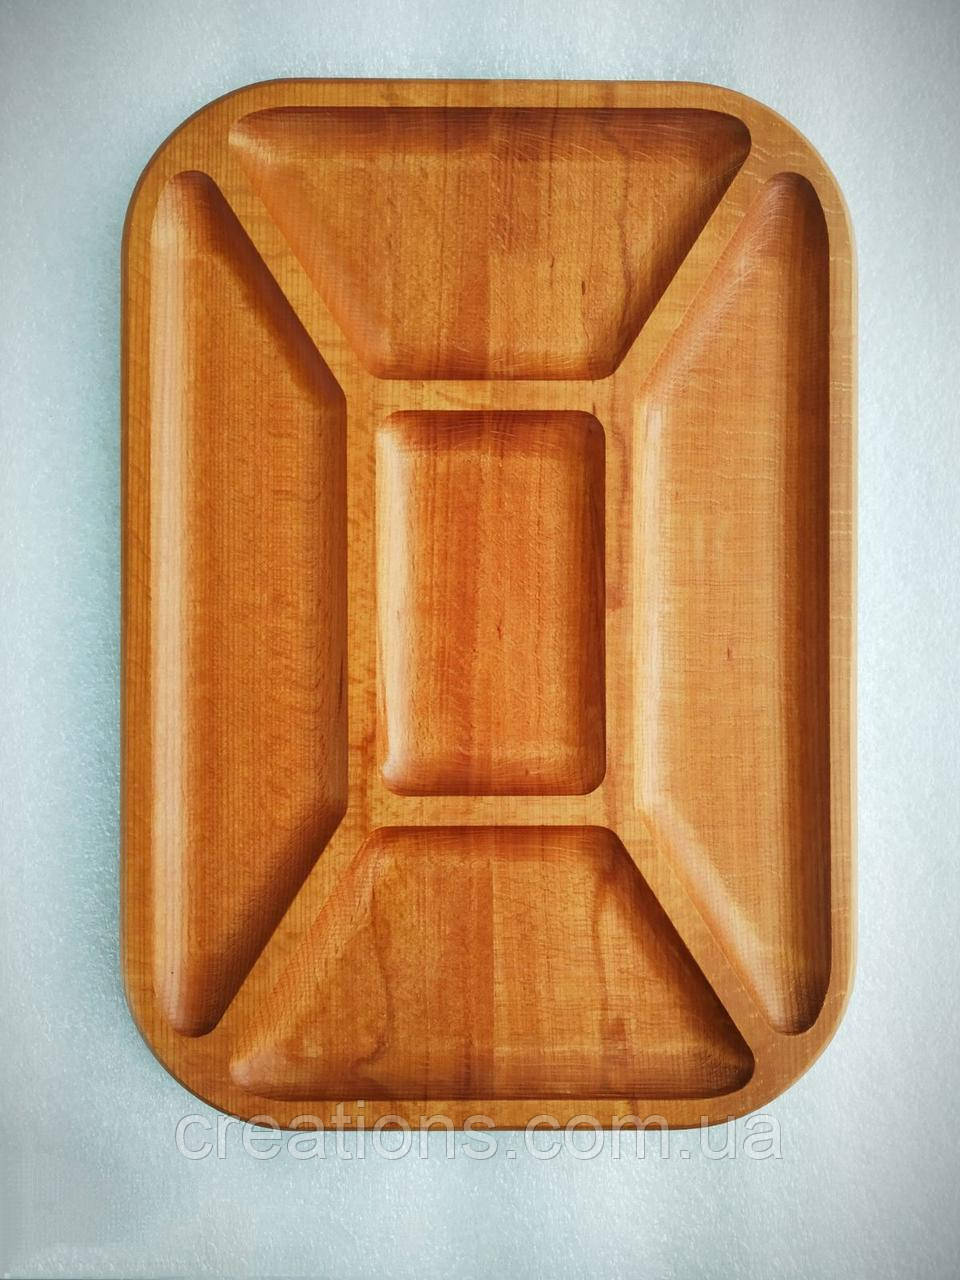 Менажница деревянная 37х26 см. прямоугольная на 5 секции из бука БМ-35